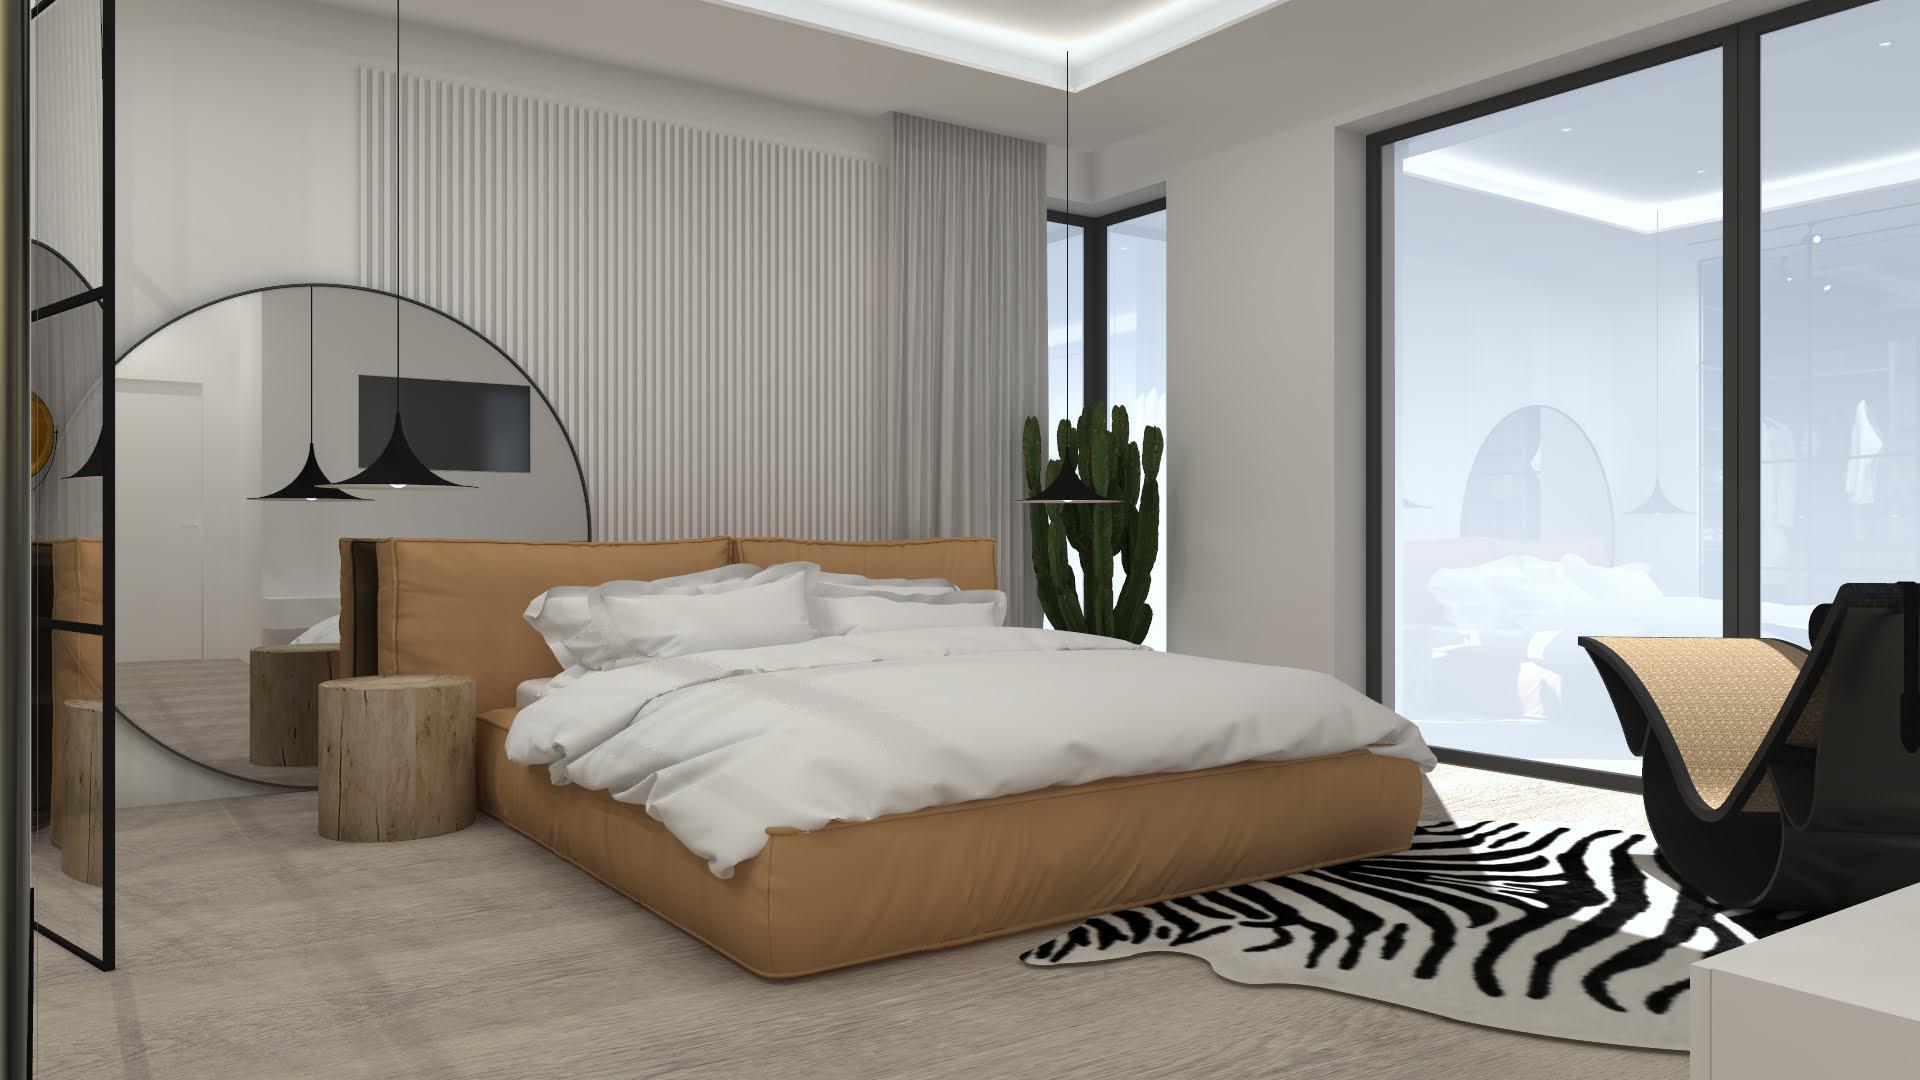 Sypialnia z garderobą w stylu industrialnym 105